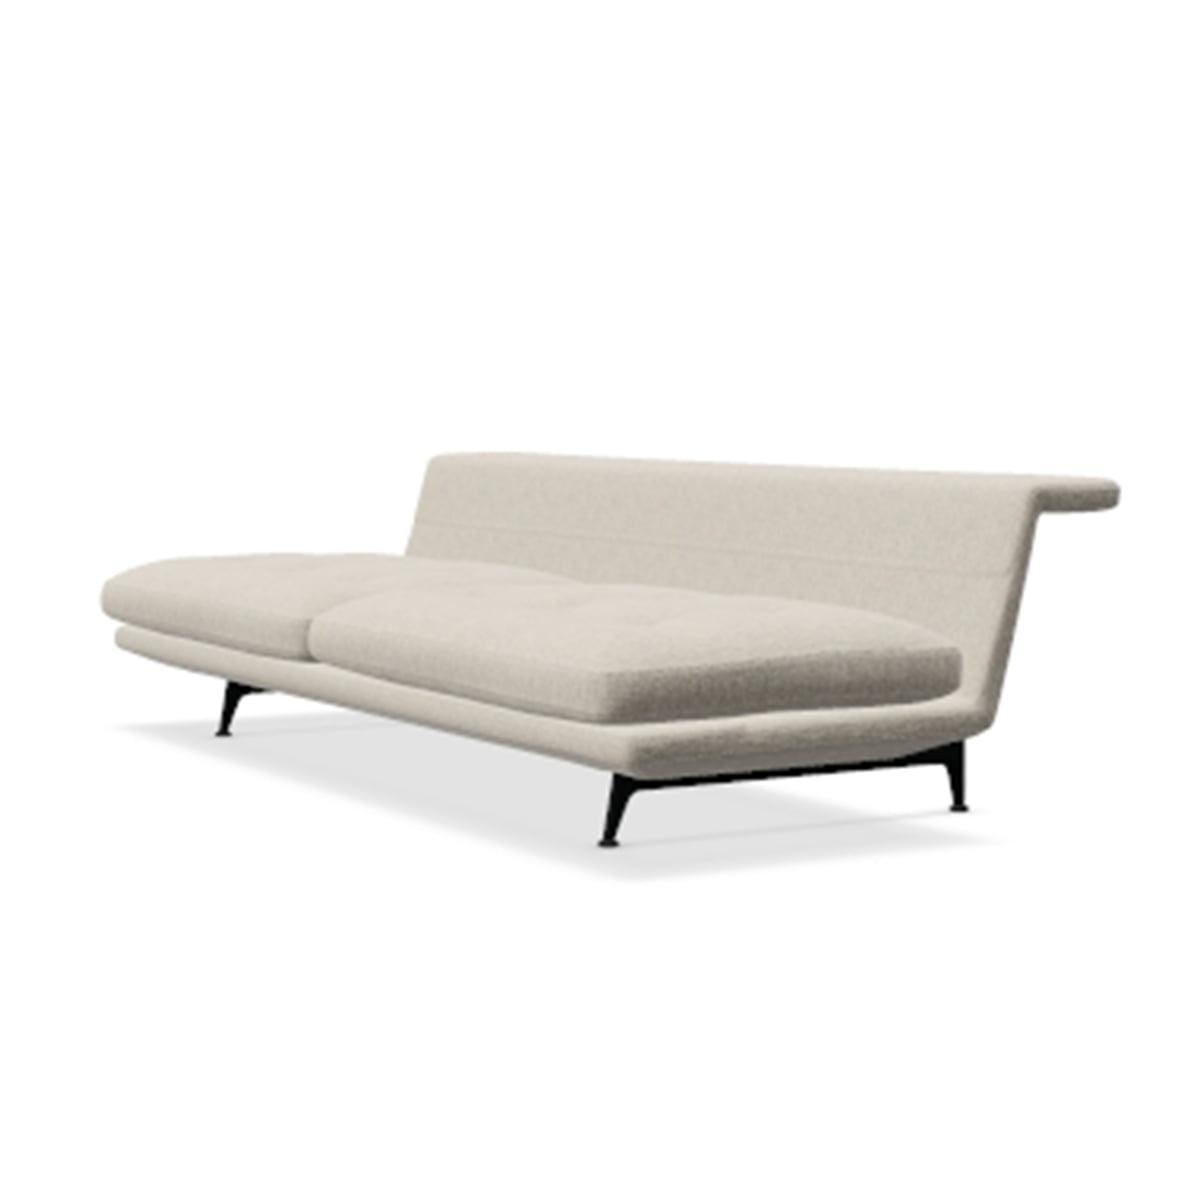 Sofa 3 Sitzer Vitra Grand Sof Sitzer Beidseitig Bndig